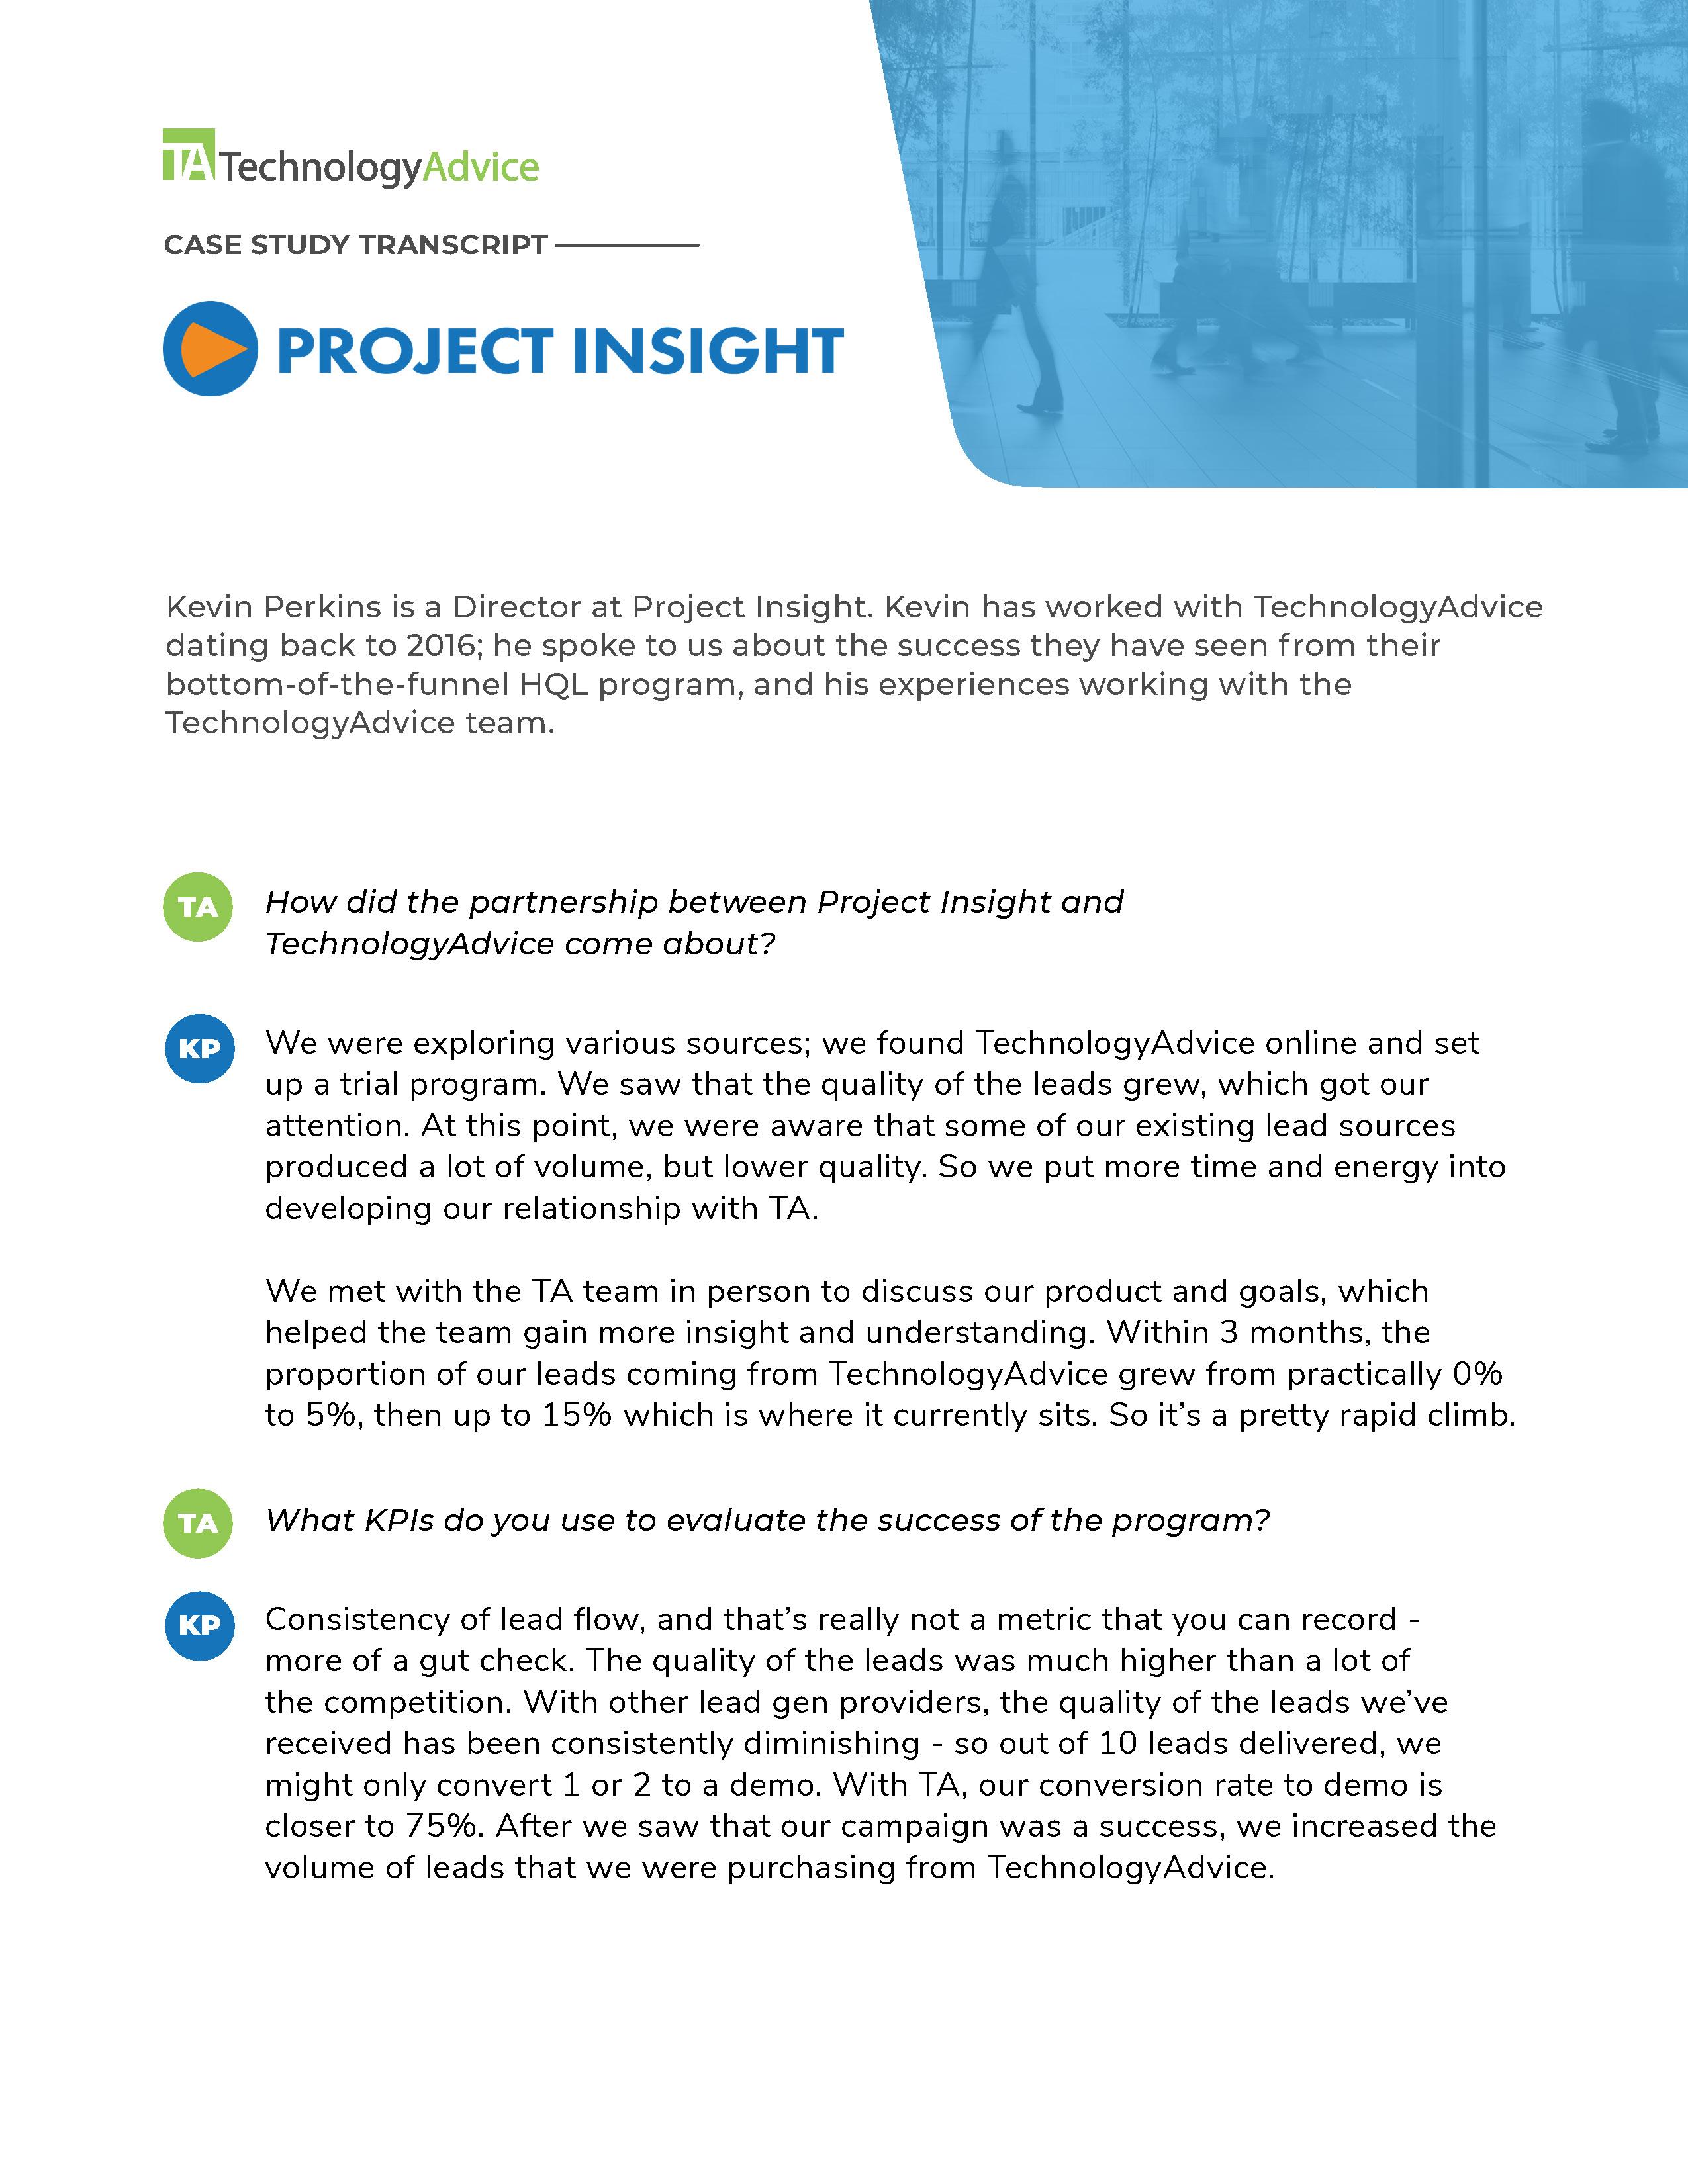 TechnologyAdvice Case Study: Project Insight